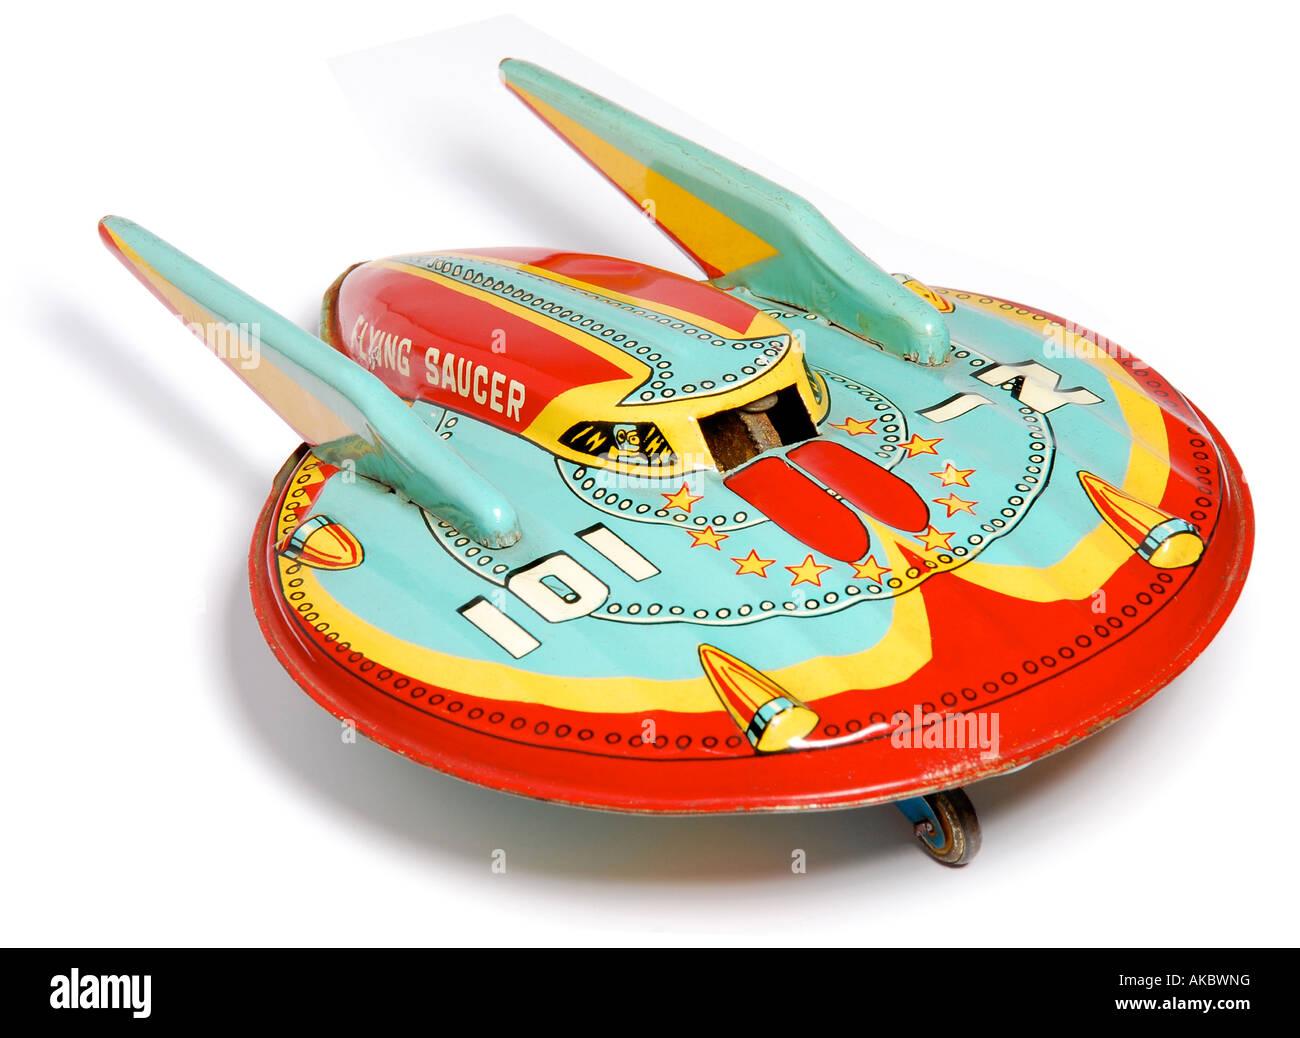 Les géants des airs : Le Northrop YB-49 [Italeri 1/72] - Page 13 Retro-colore-toy-rocket-spaceship-soucoupe-volante-photo-par-patrick-steel-patricksteel-akbwng